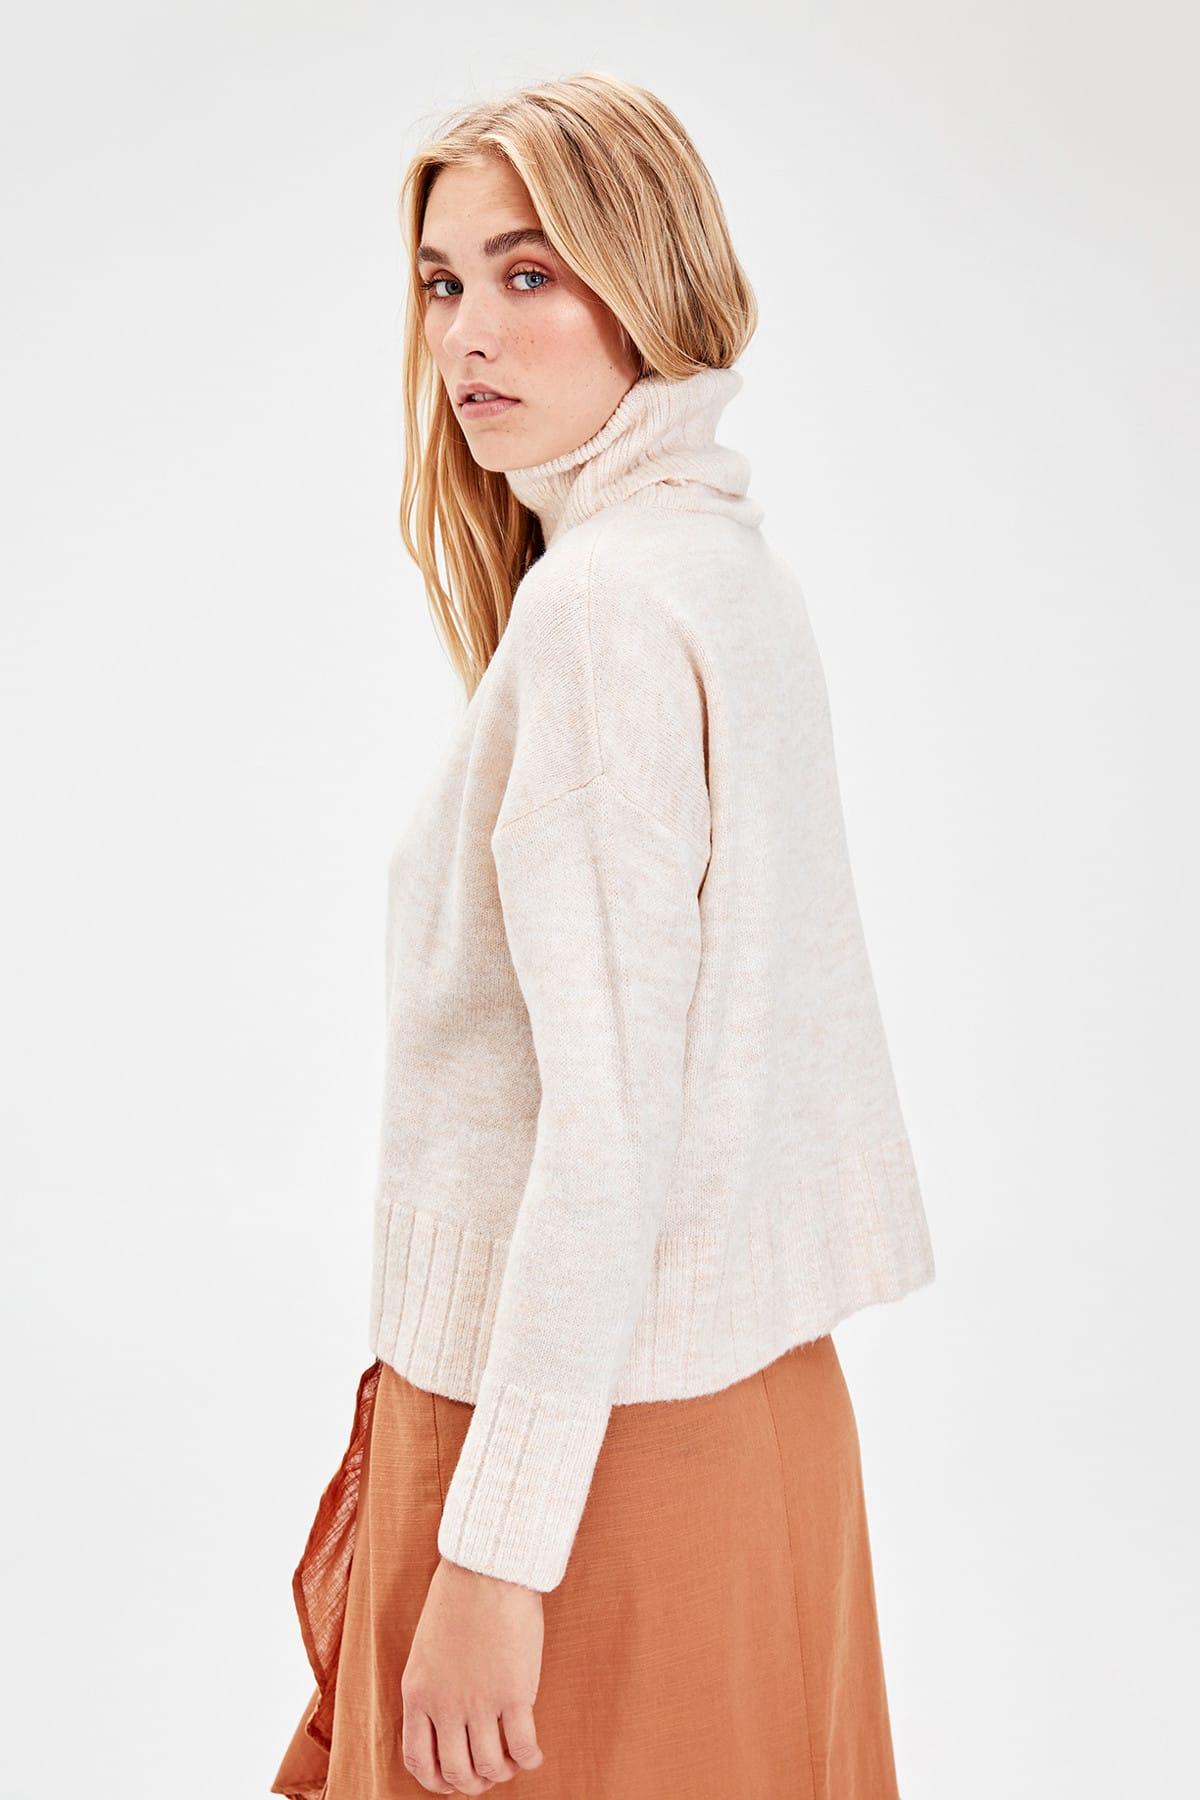 Trendyol WOMEN-Raw White Turtleneck Sweater Sweater TWOAW20FV0019